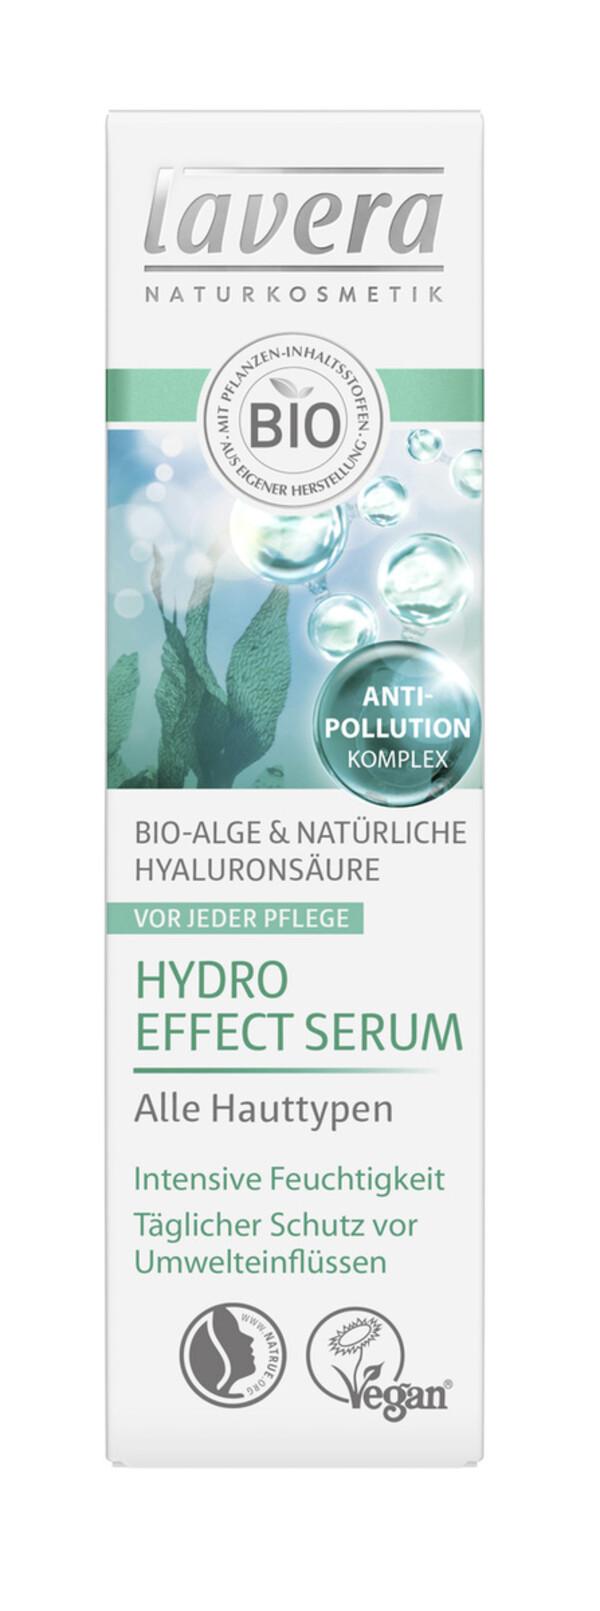 lavera Naturkosmetik Hydro Effect Serum 30 ml